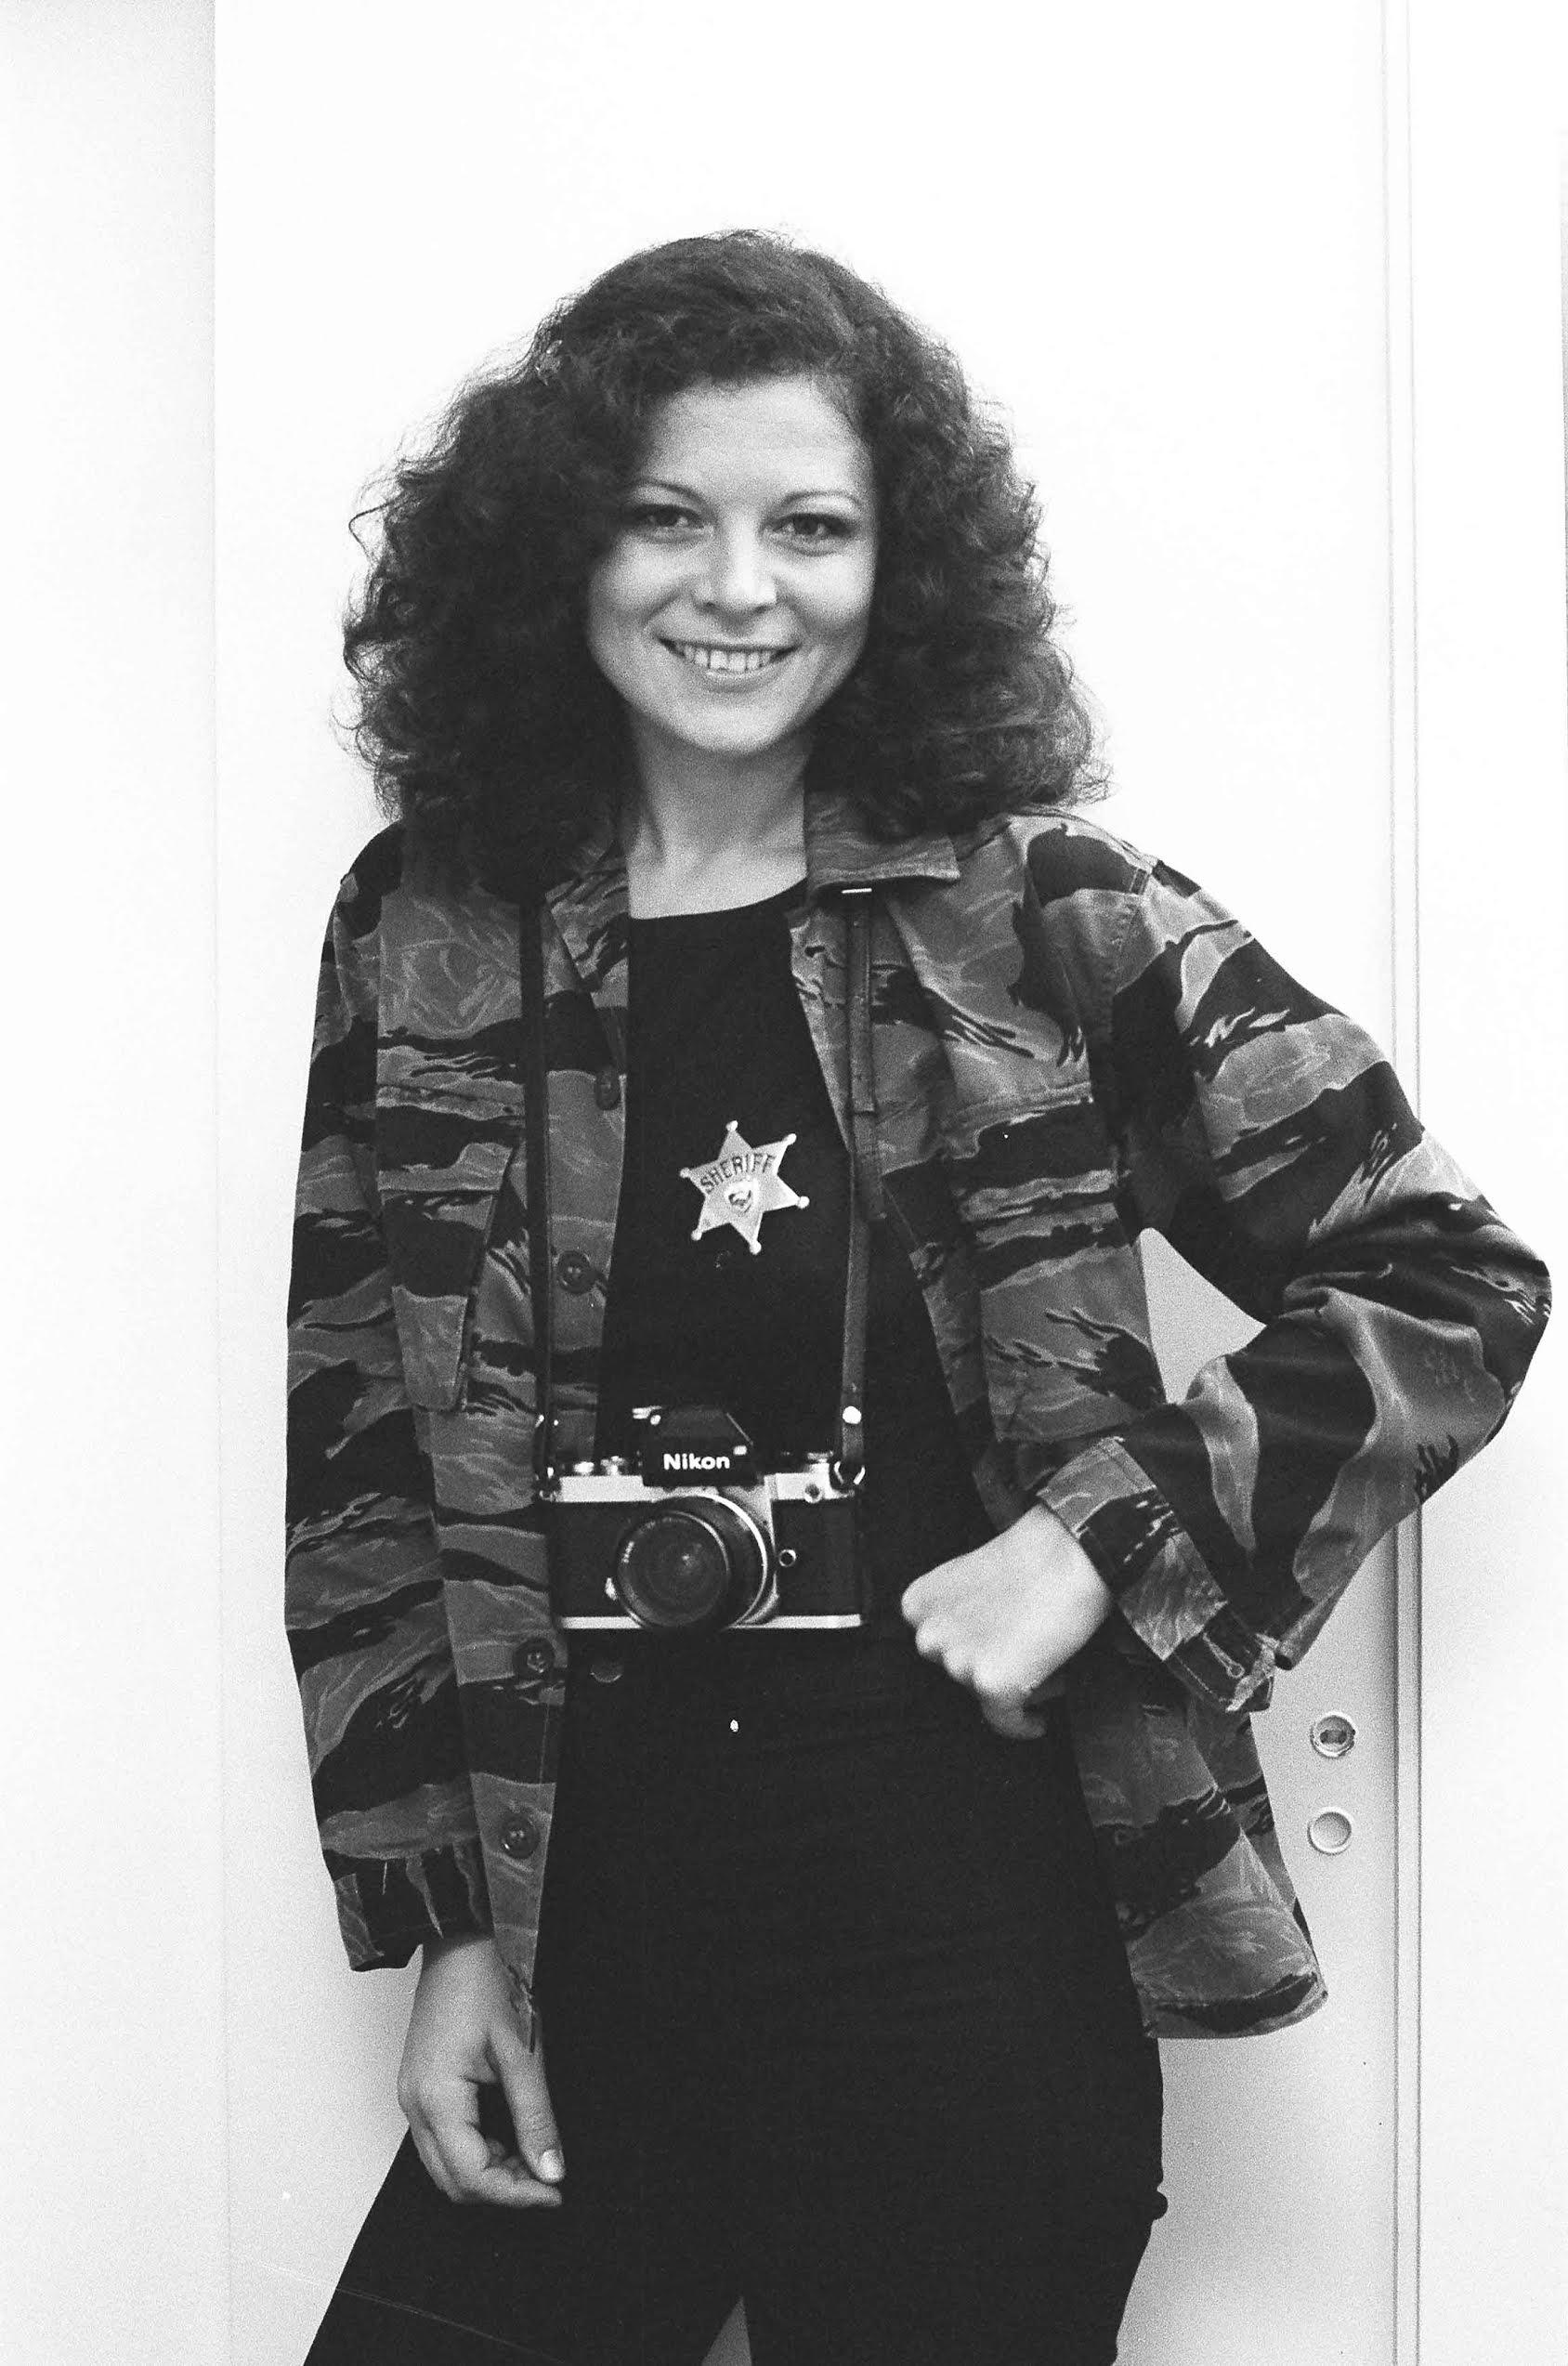 Elisa. self-portrait. August 1976